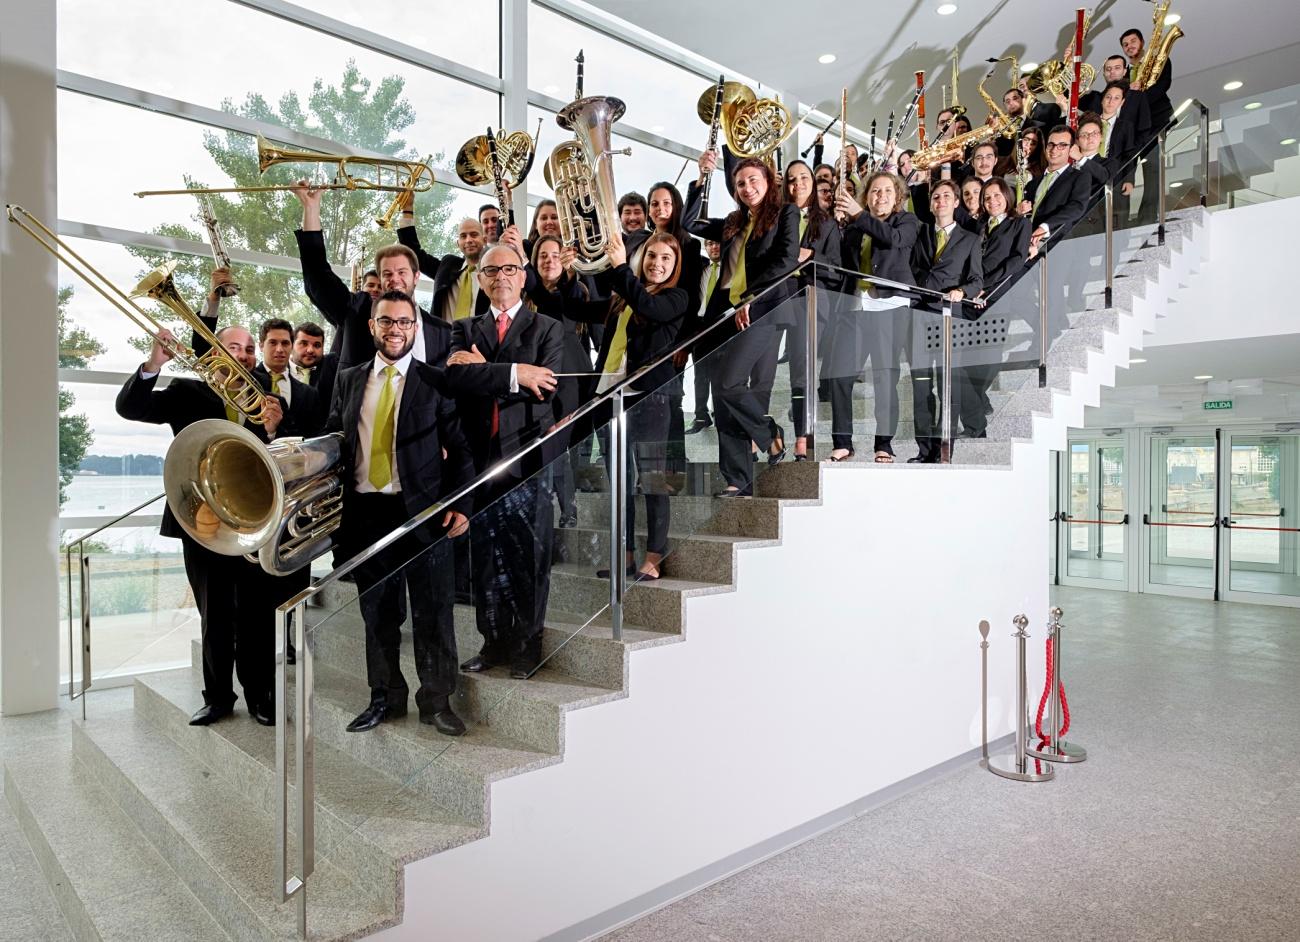 Banda Ferrolá de Música: III Ciclo de Inverno - Primavera